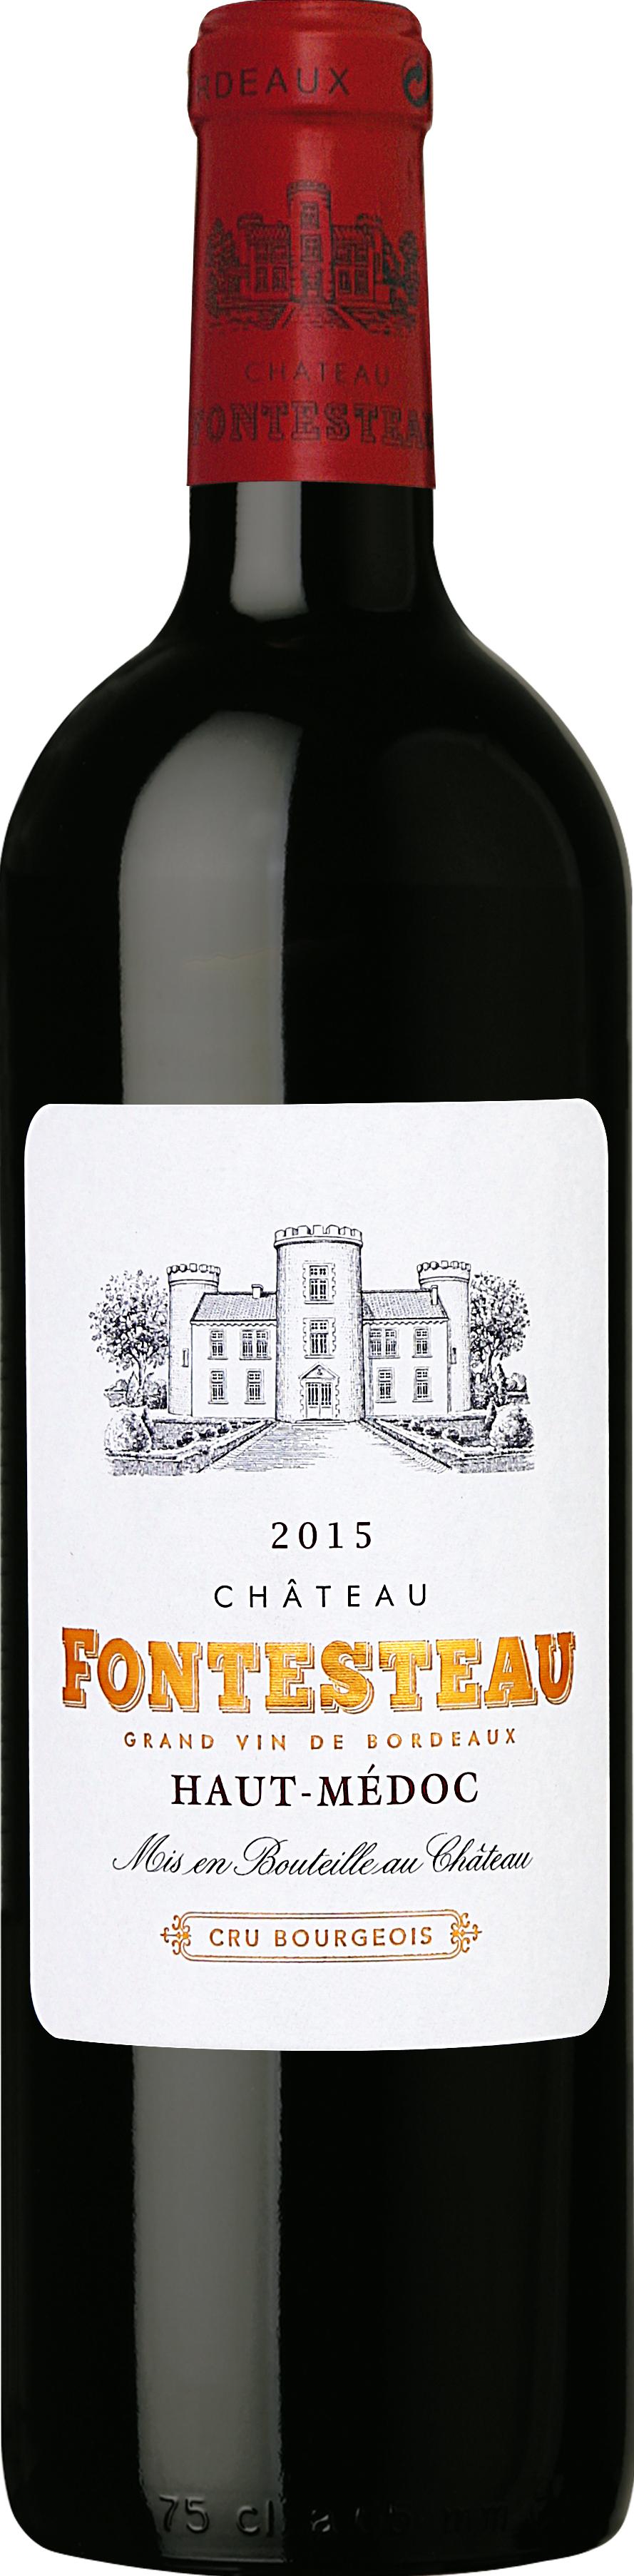 2016 Château Fontesteau, Cru Bourgeois, Haut-Médoc AOC